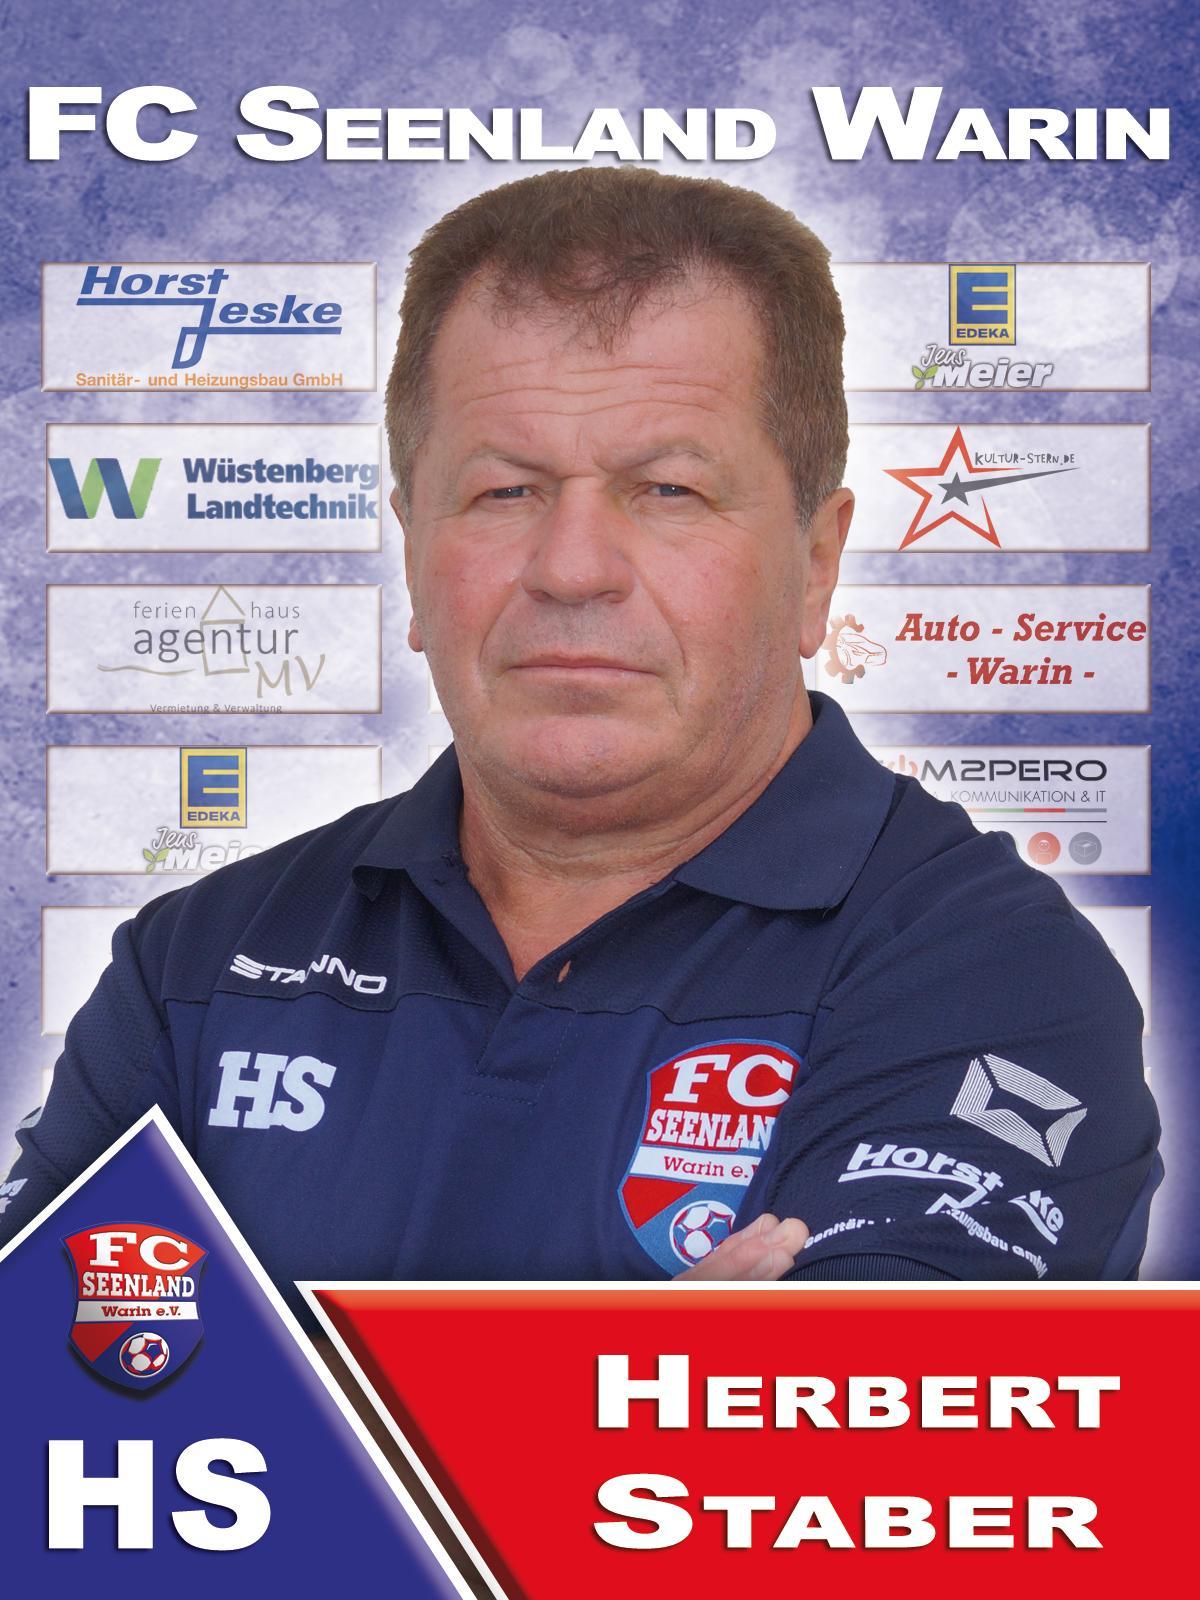 Herbert Staber